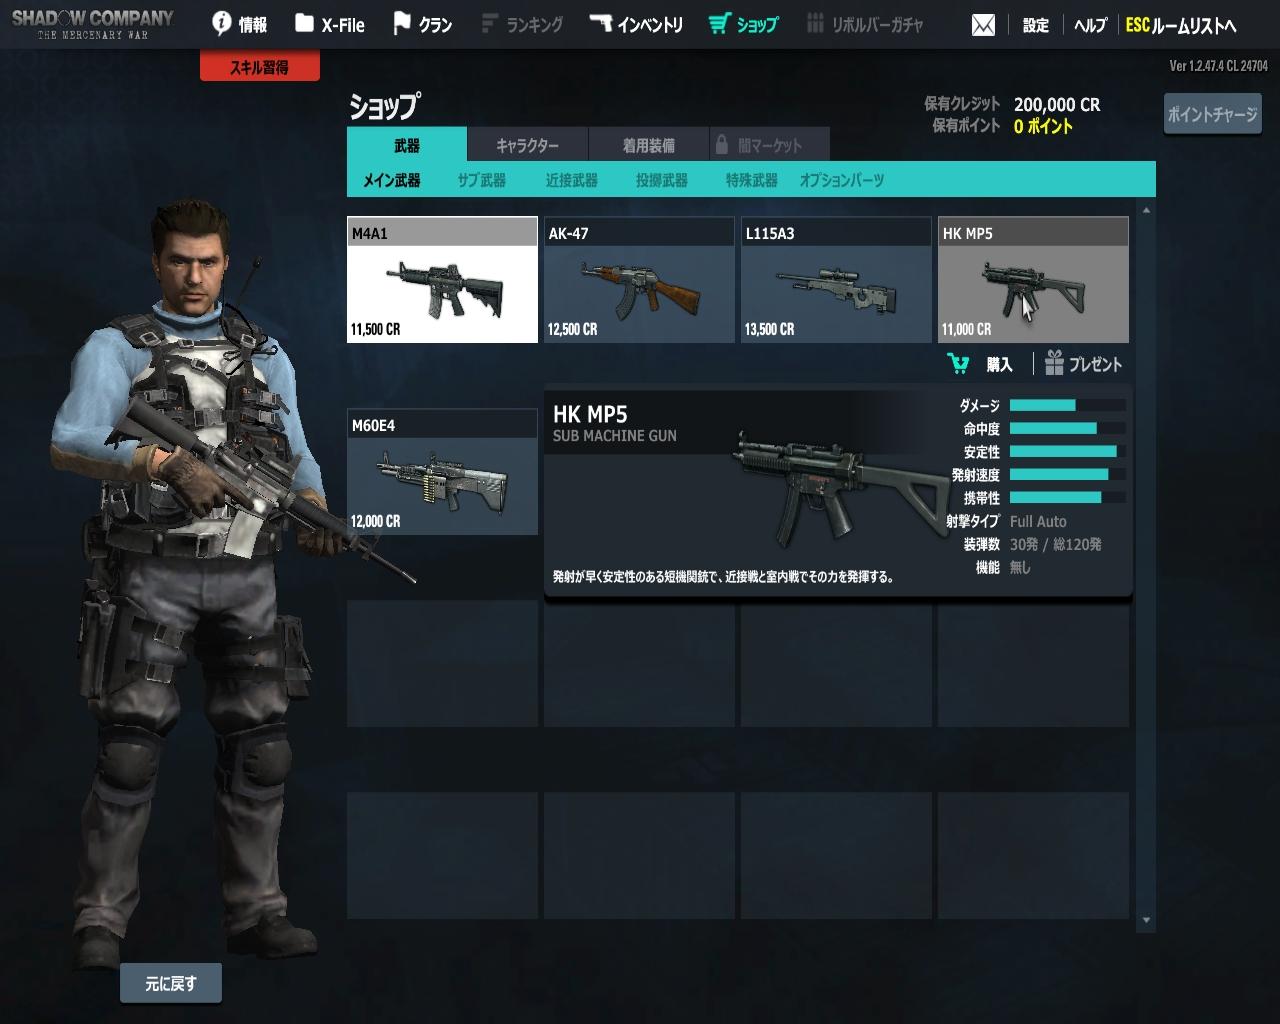 武器は課金やゲーム内マネーで購入する形だ。特殊武器のスティンガーはヘリなども落とせる